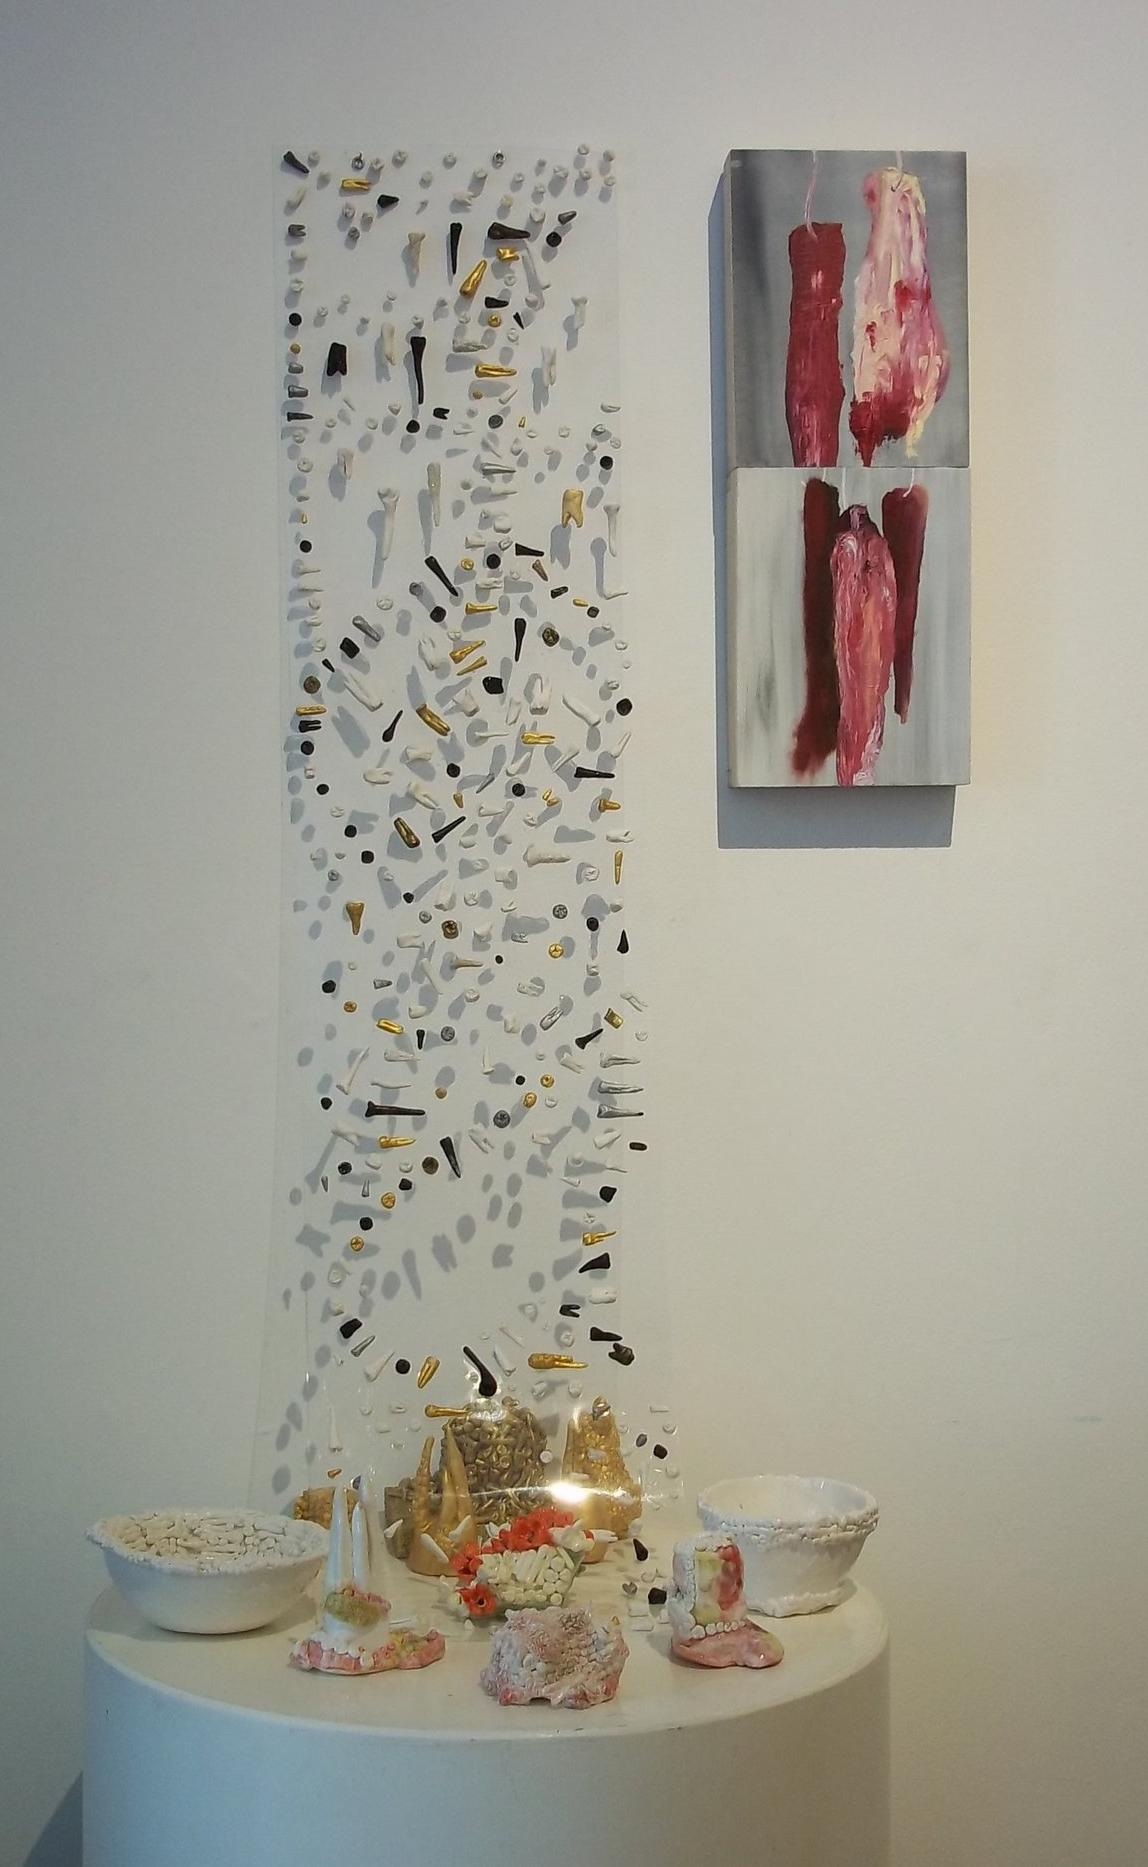 Robert Kananaj Gallery